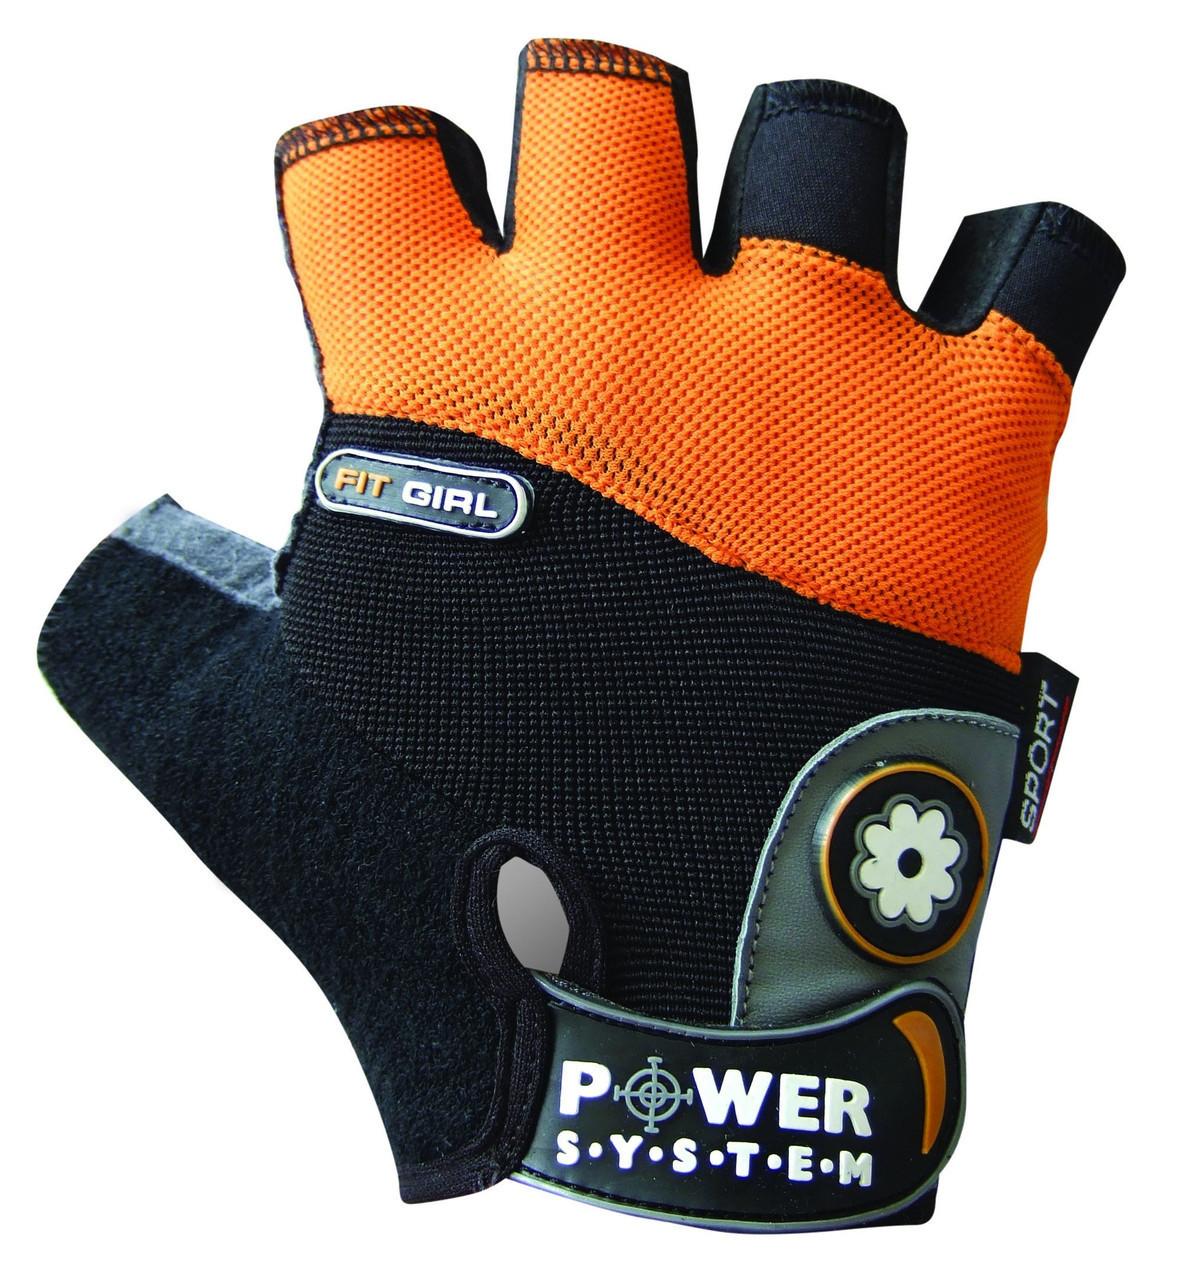 Перчатки для фитнеса и тяжелой атлетики Power System Fit Girl PS-2900 S Black/Orange